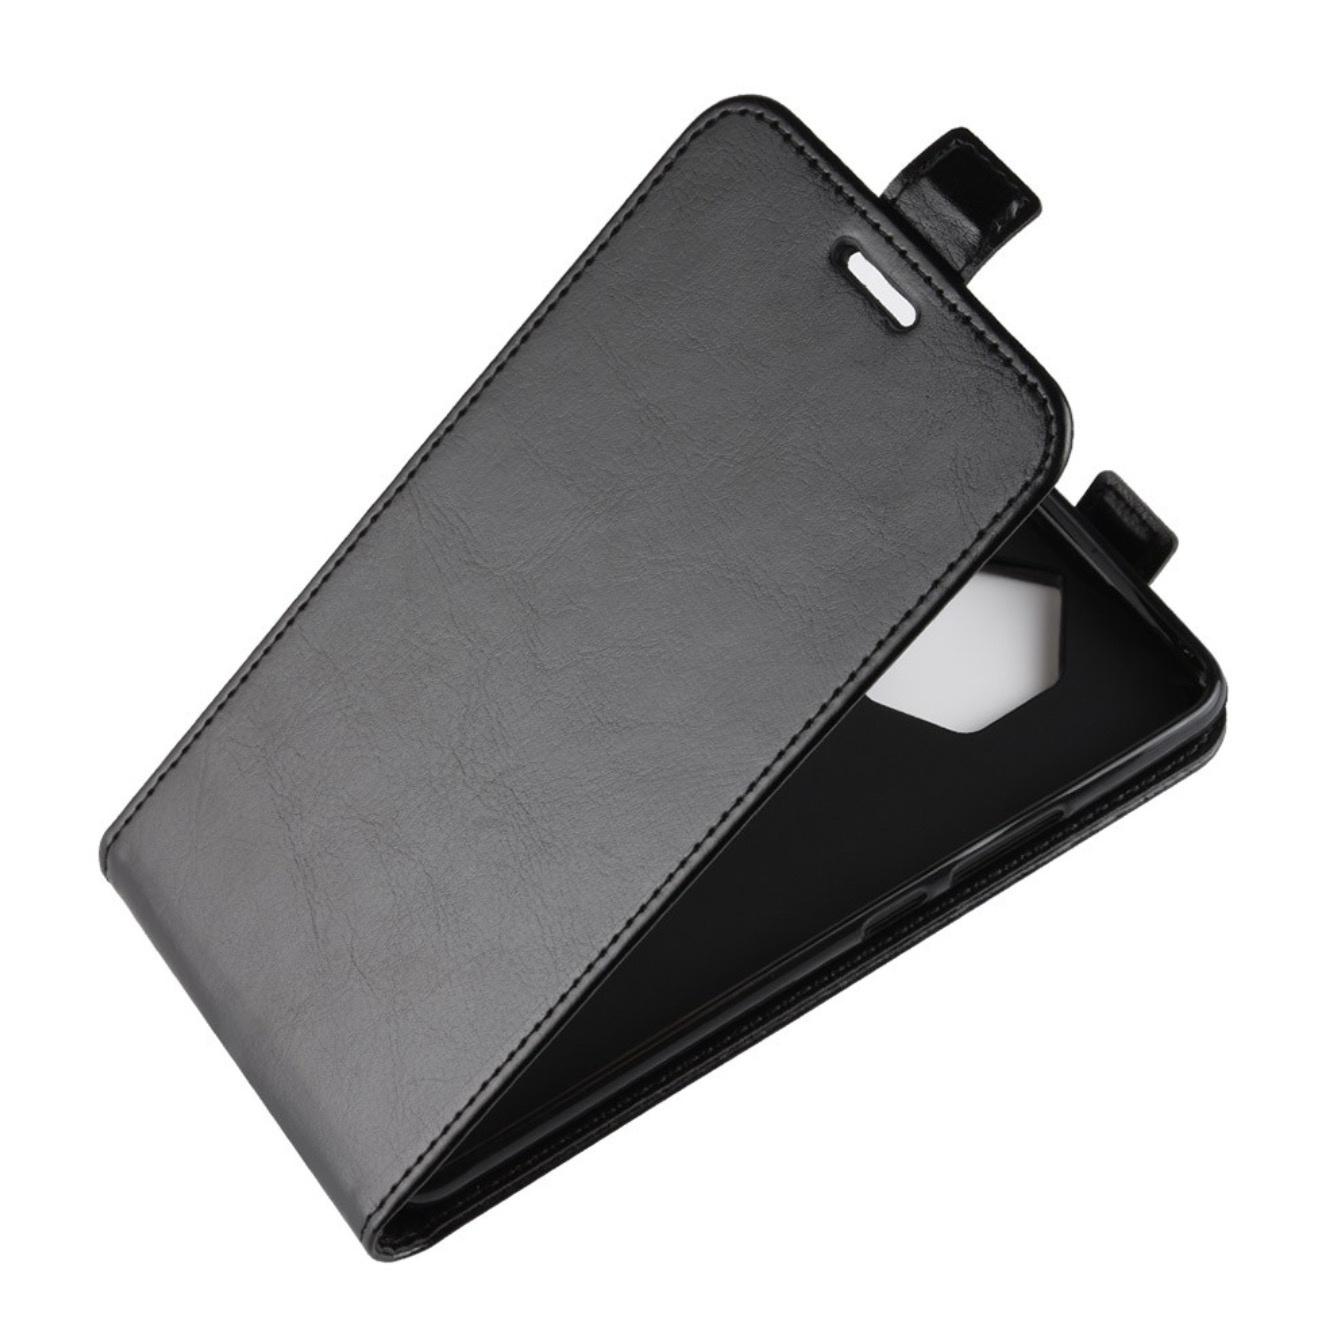 Чехол-флип MyPads для LG G7 Fit вертикальный откидной черный